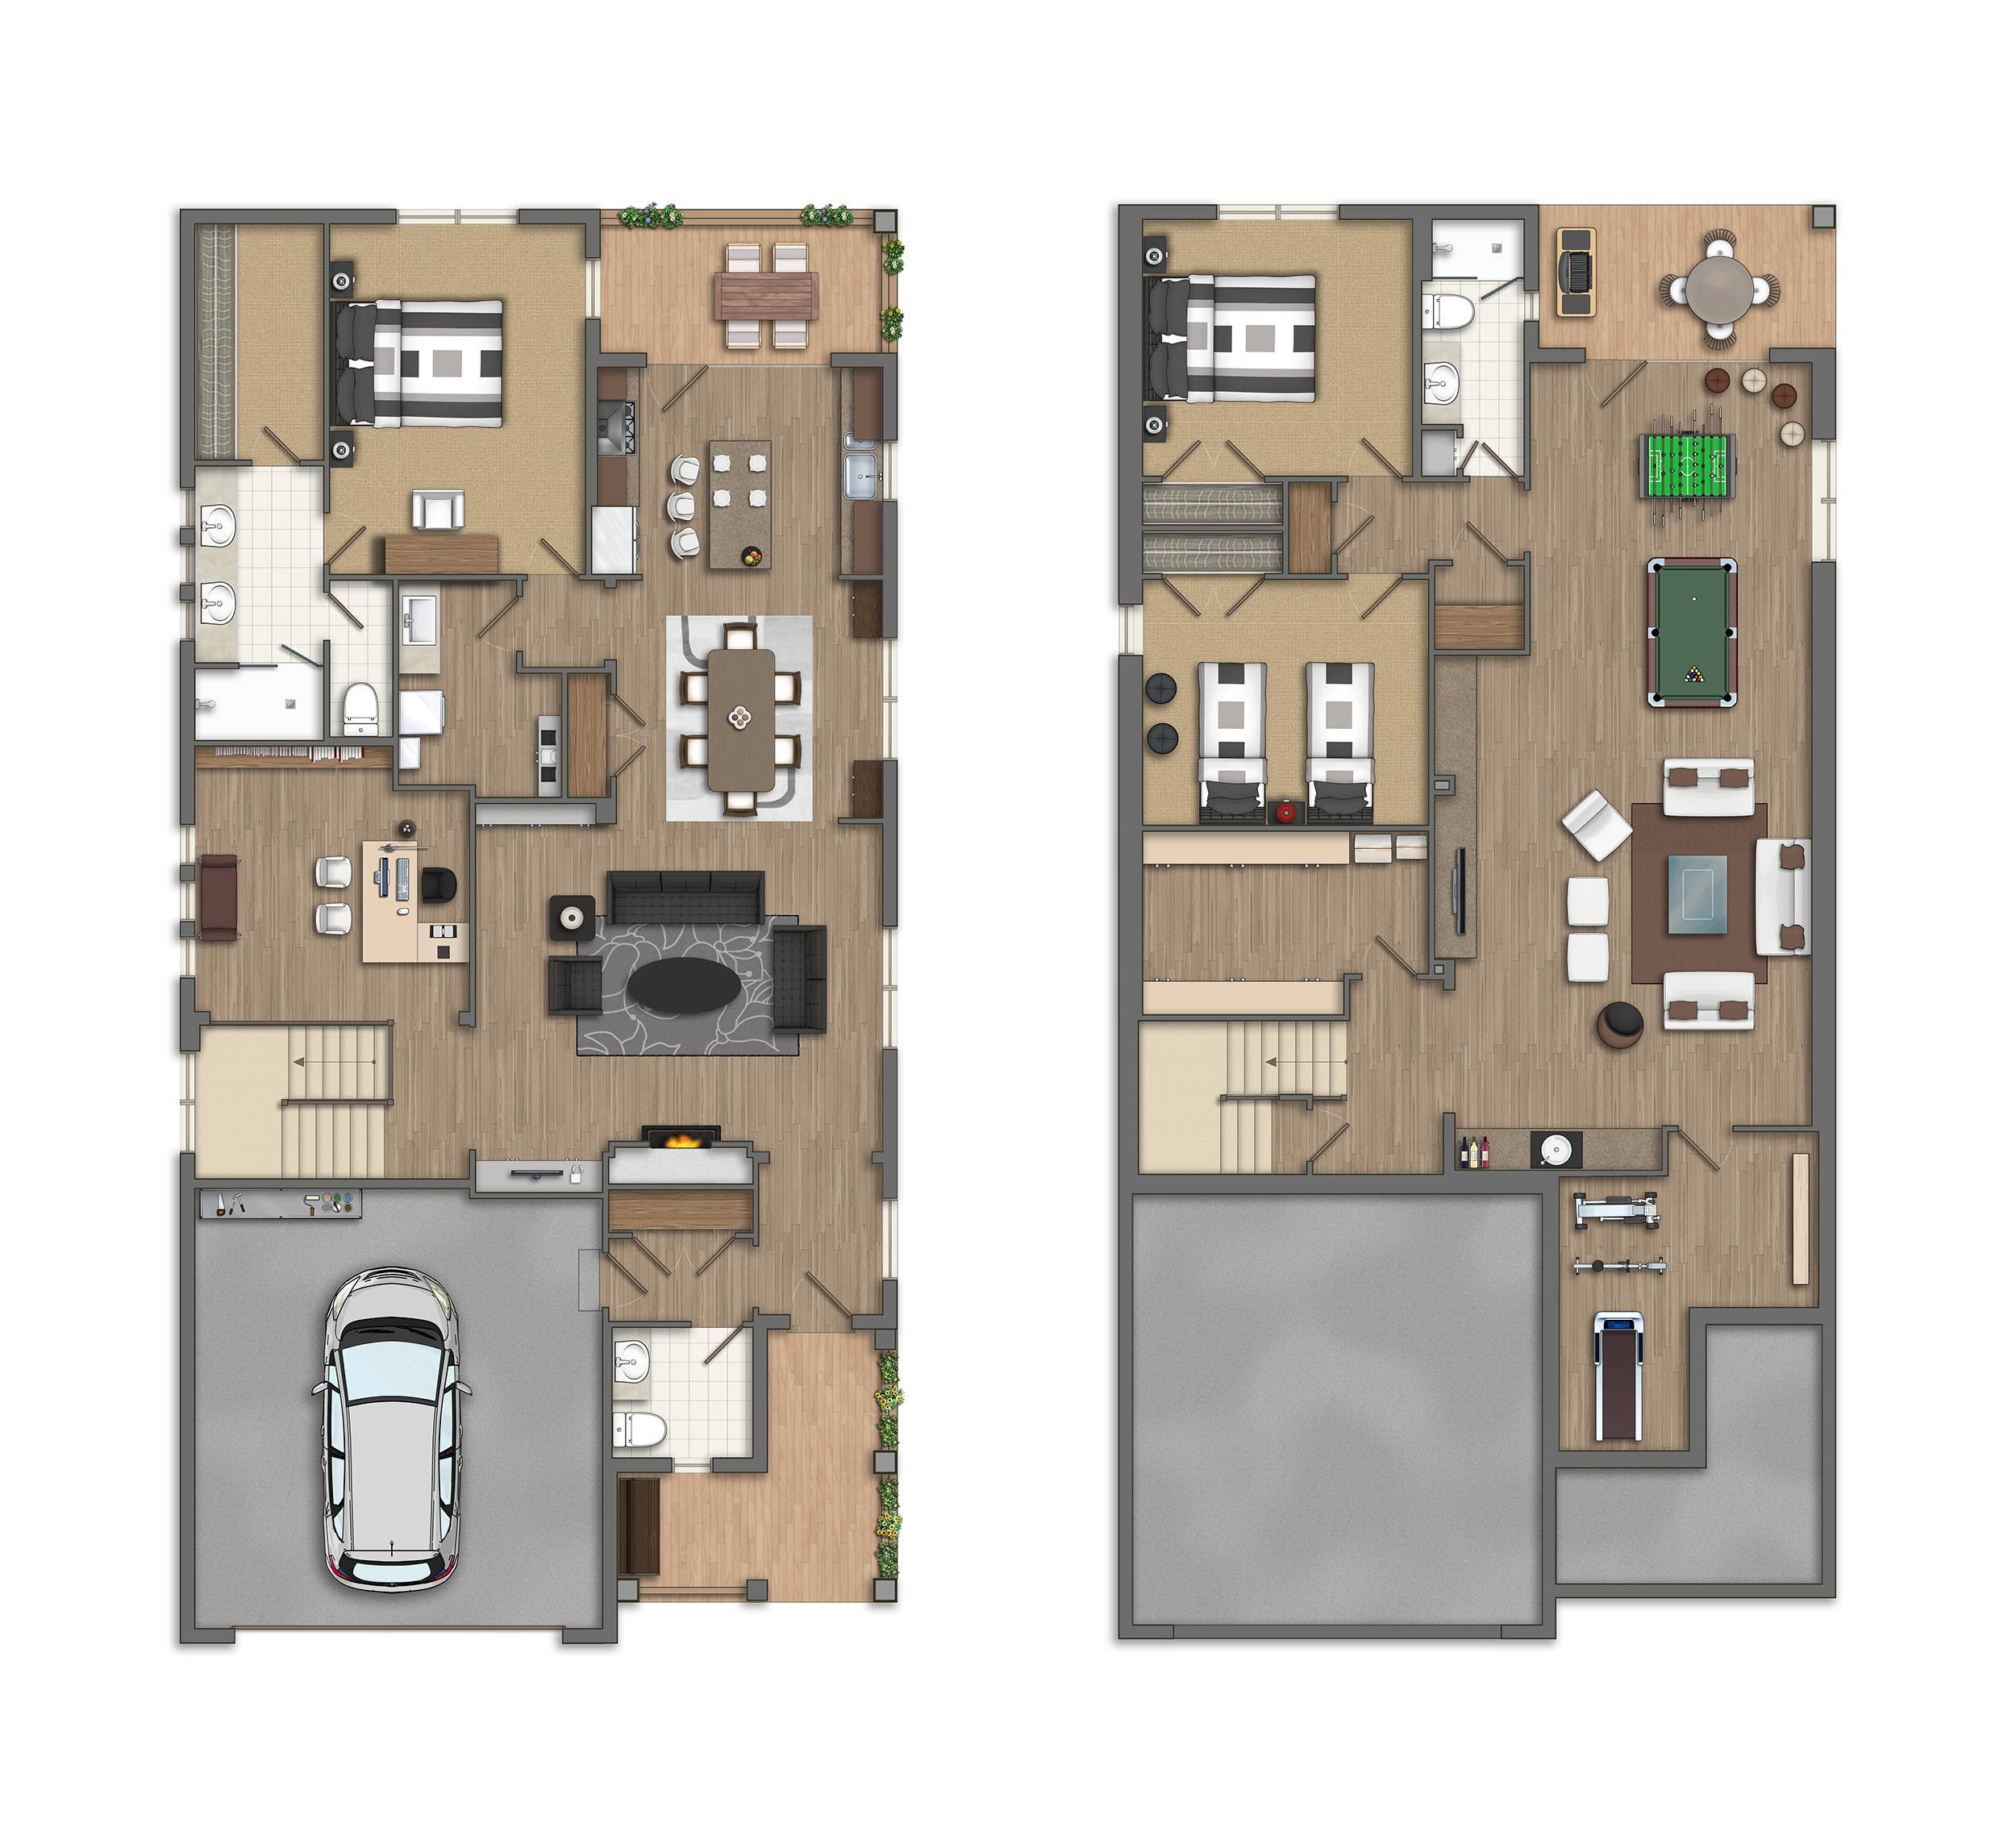 Photoshop planos 2d casas americanas for Programa planos 2d